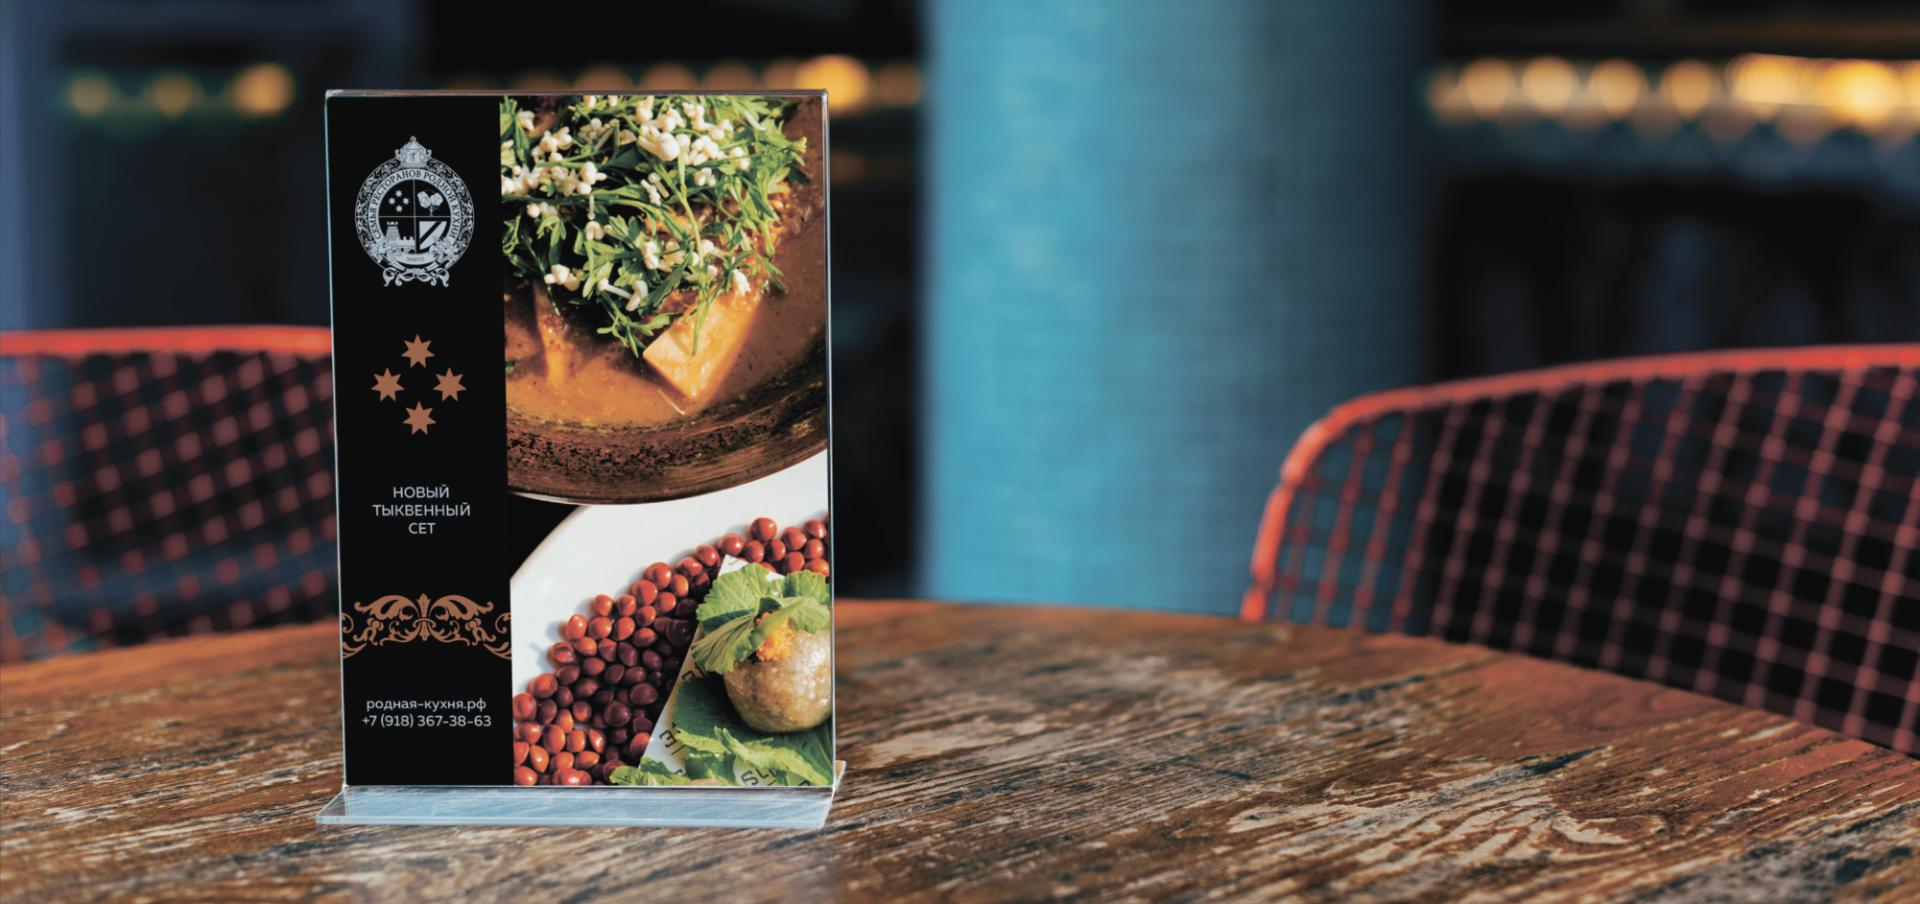 Семья ресторанов Родной кухни - HMS Brands - кейсы, брендинг - table-tent